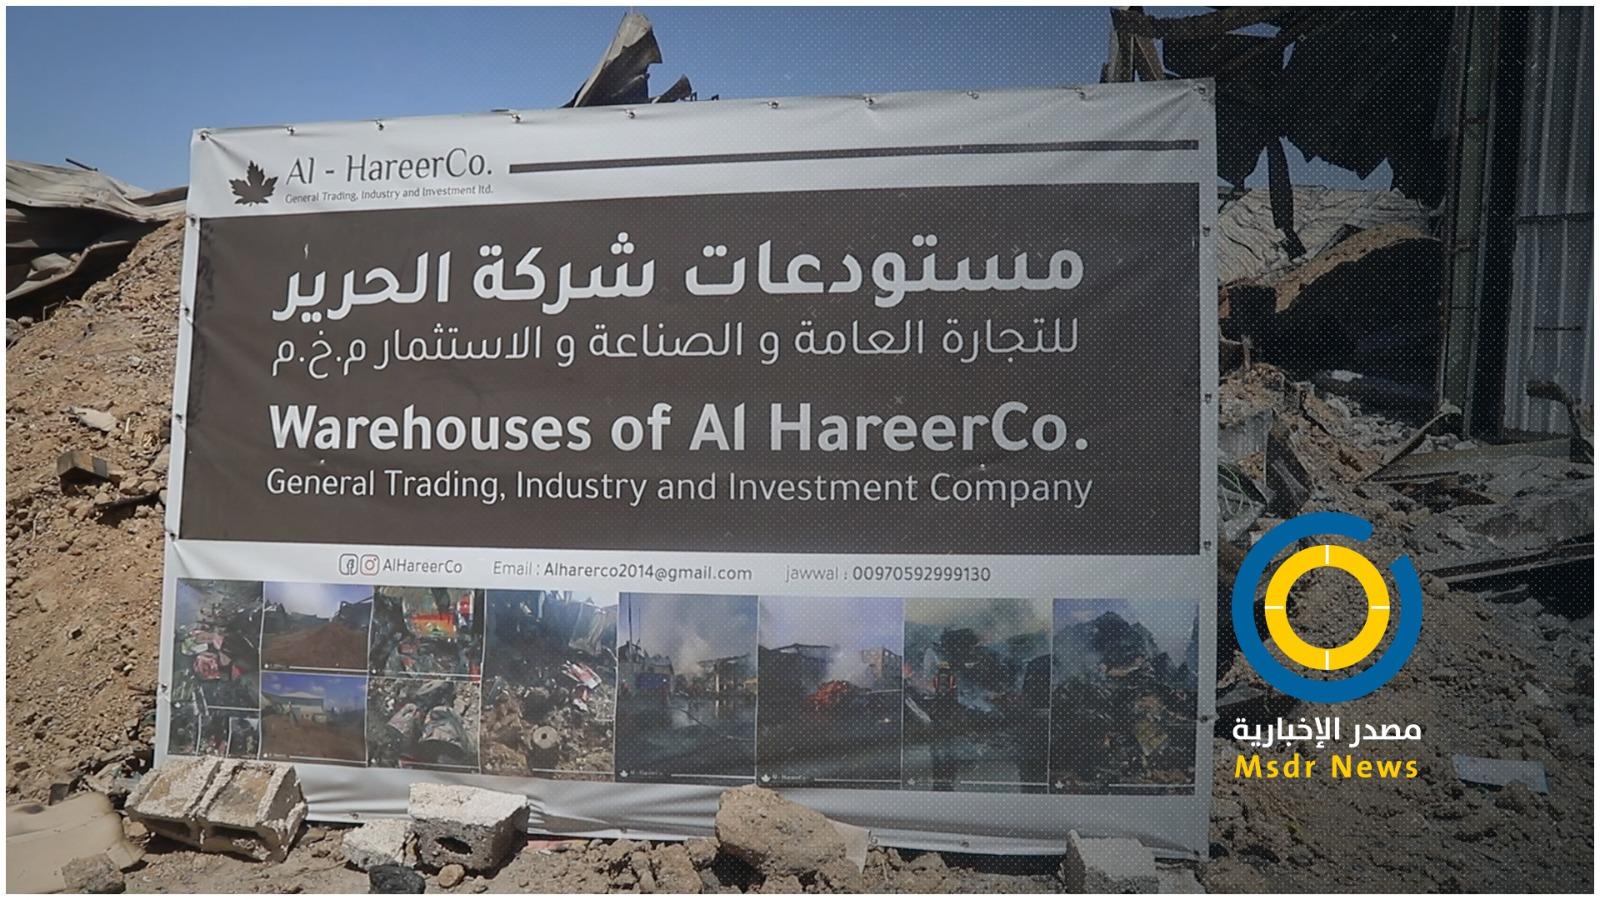 شاهد: تدمير مستودعات شركة الحرير يوقف عمل 5 مصانع في غزة